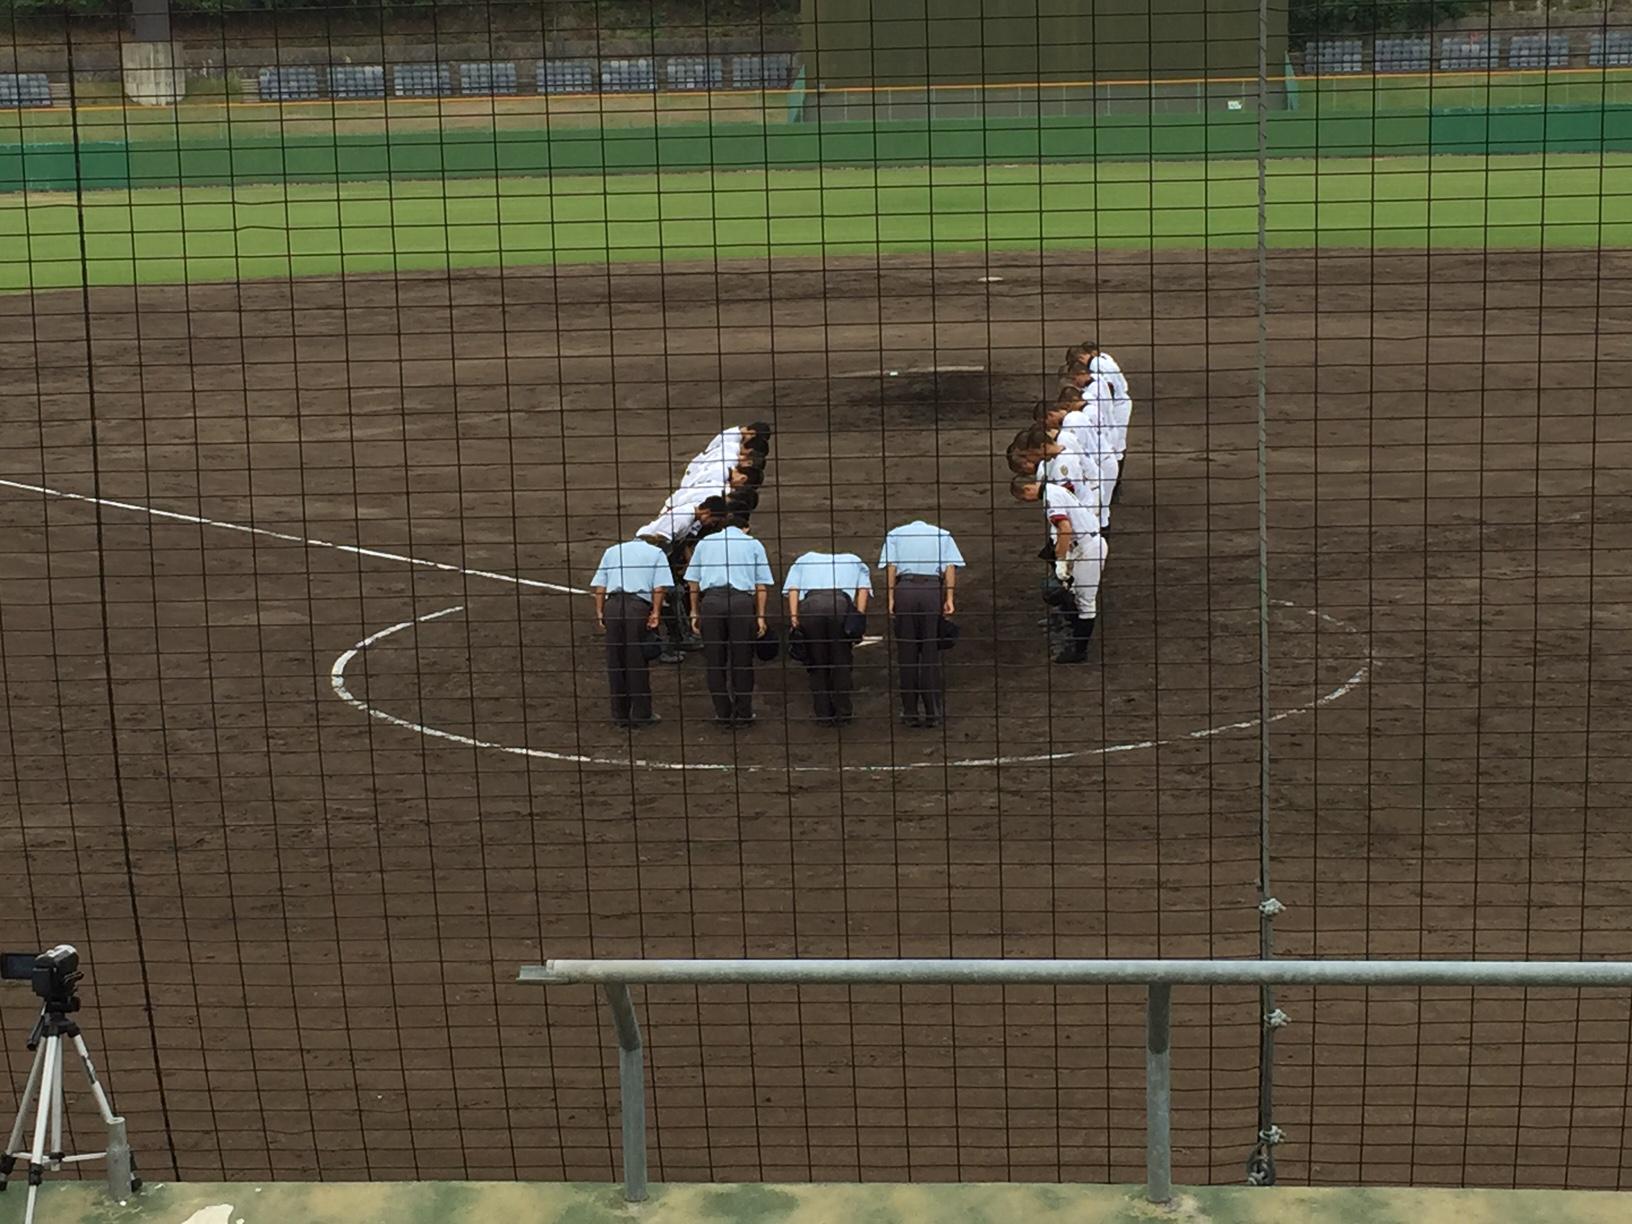 【しまなみ球場】で開催されている秋季高校野球【広島県大会】に行ってみました!